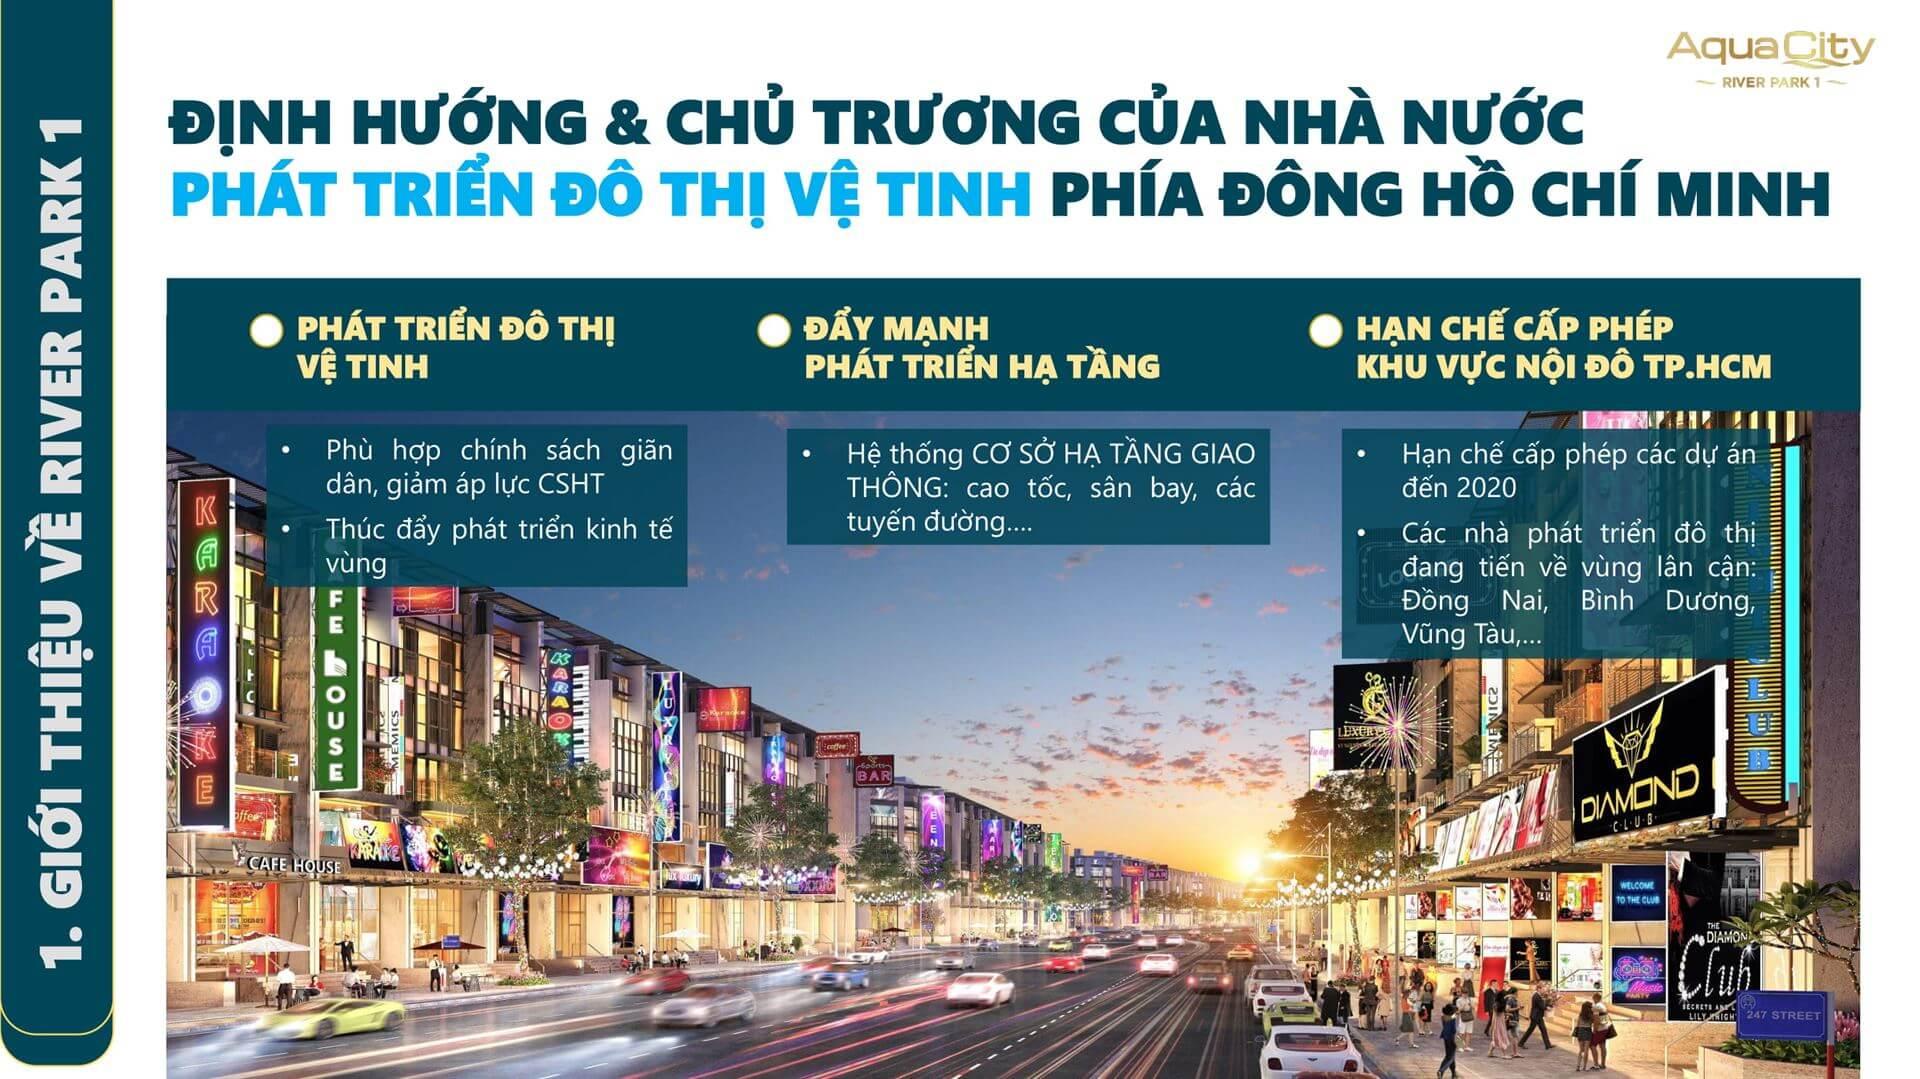 Khu đô thị phái đông TP HCM phát triển mạnh mẽ